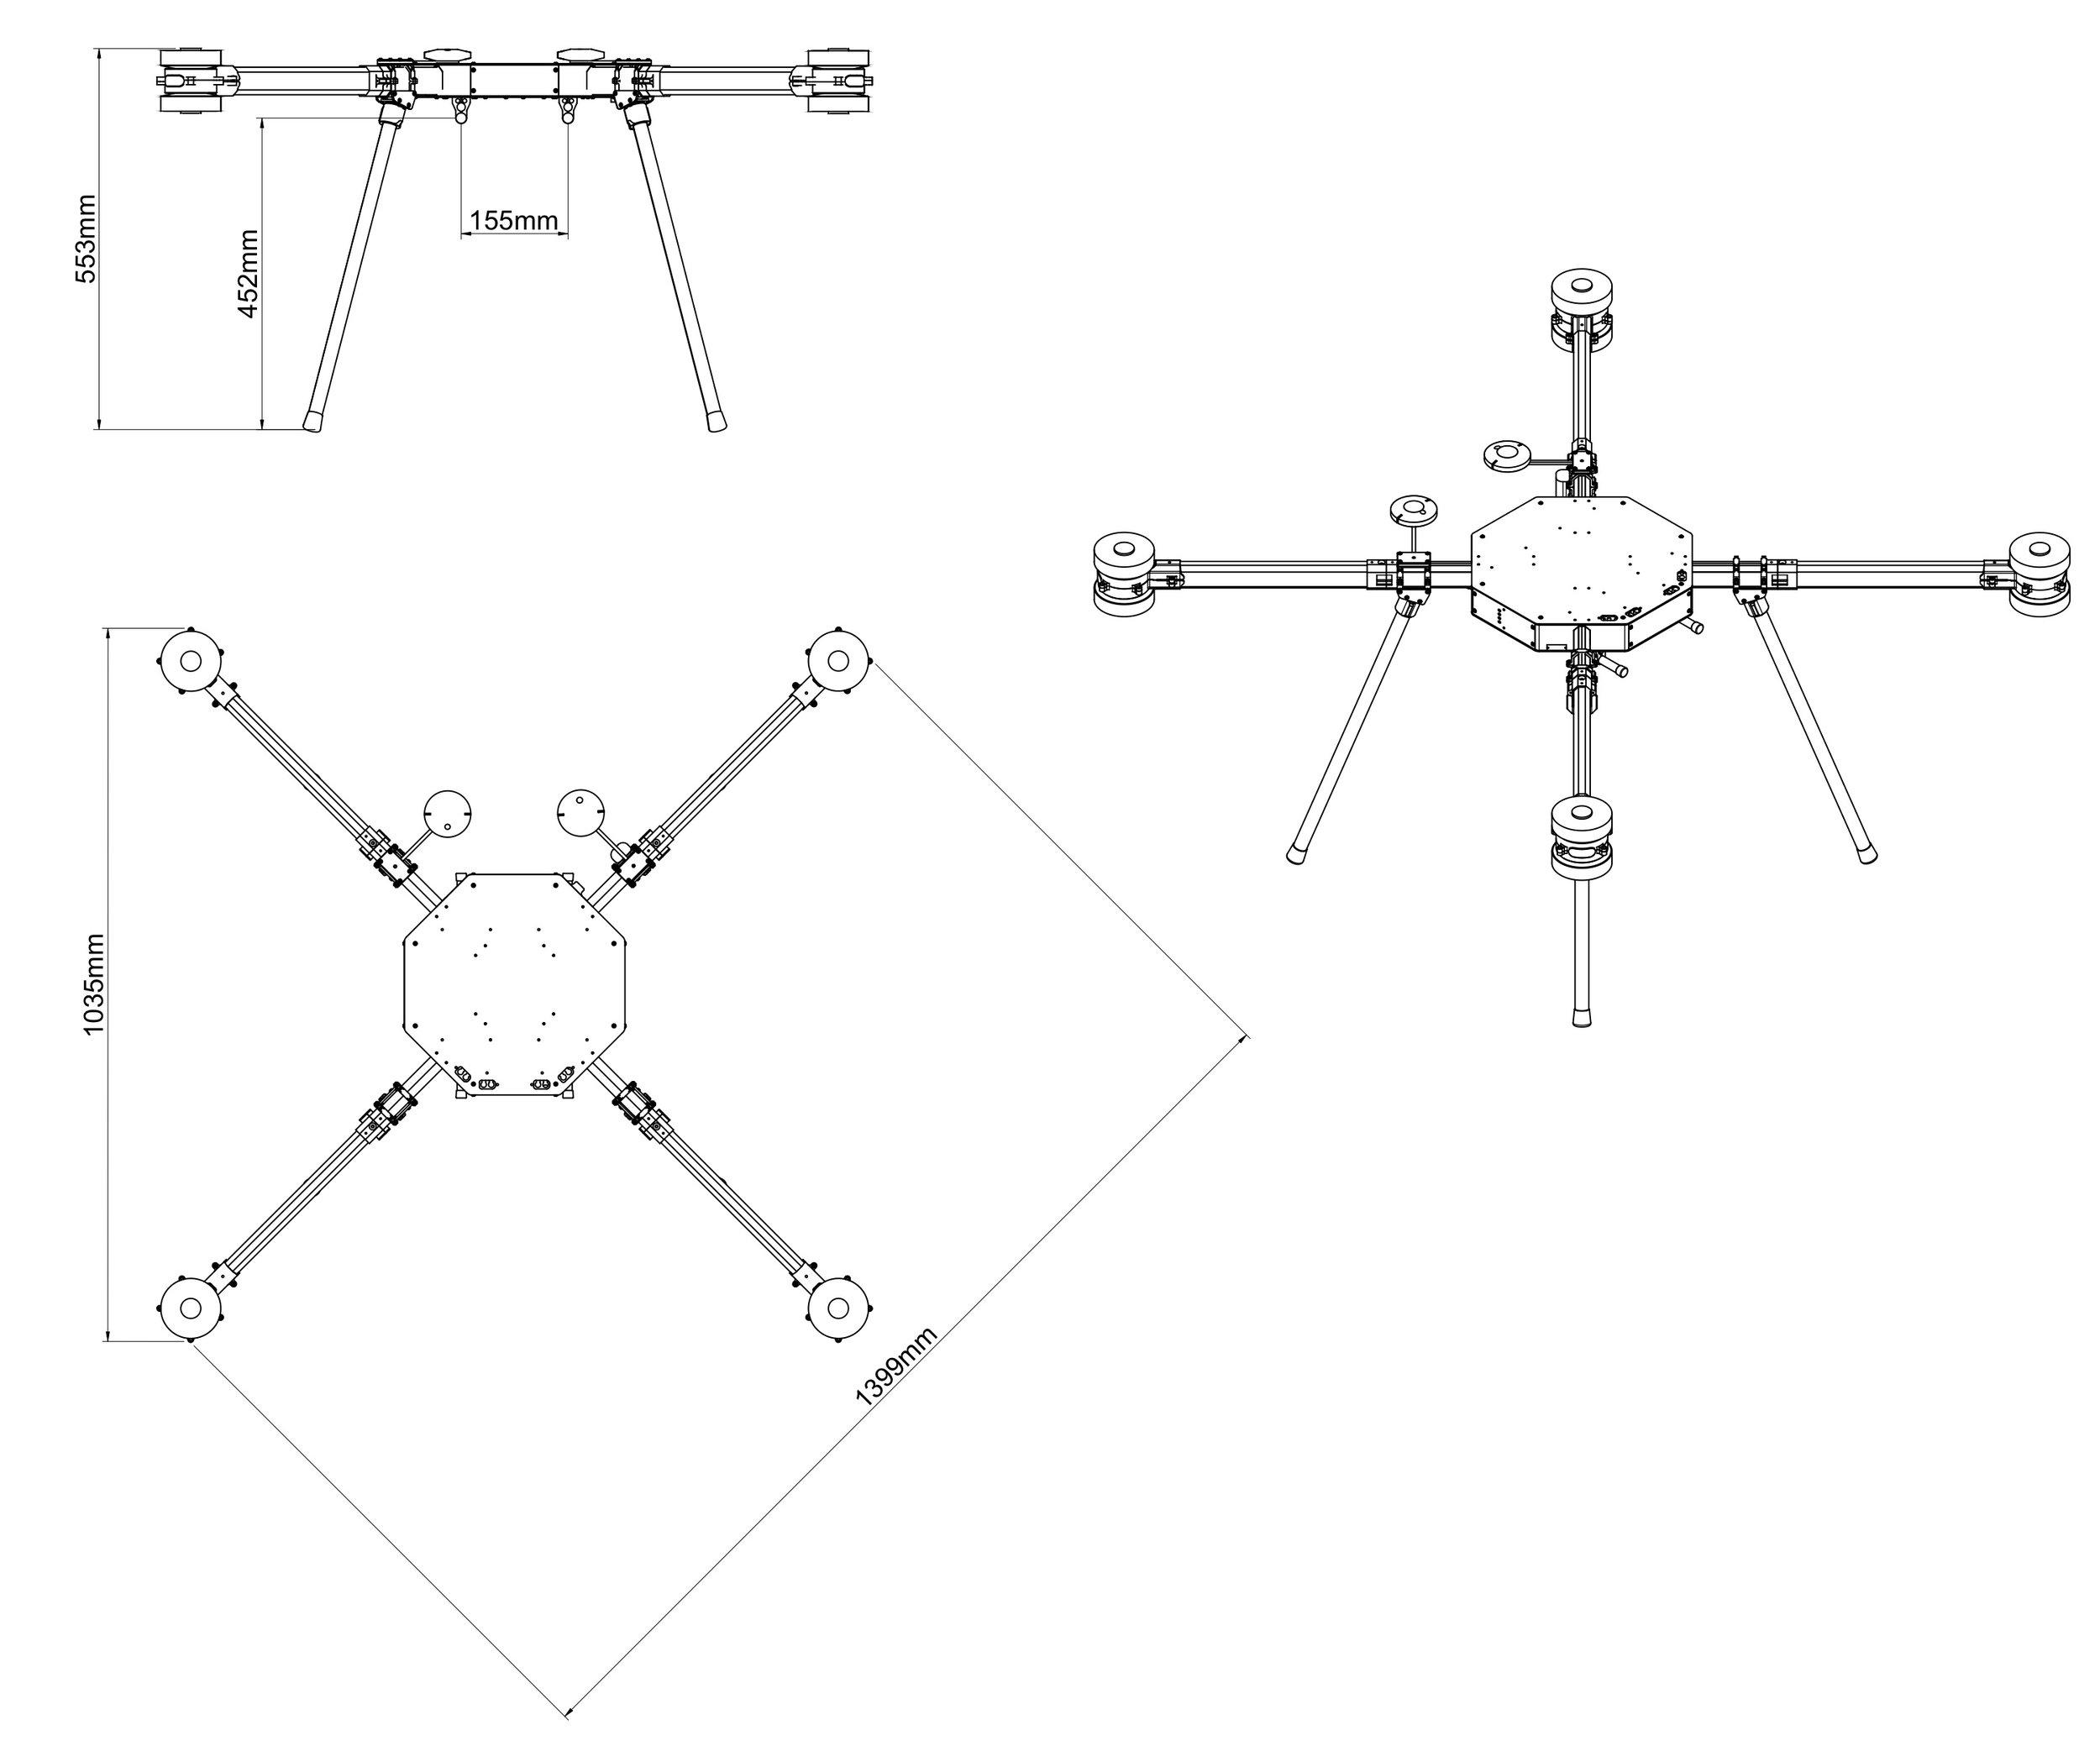 BFD1400-SE8_Assembly Drawing v4 copy.jpg